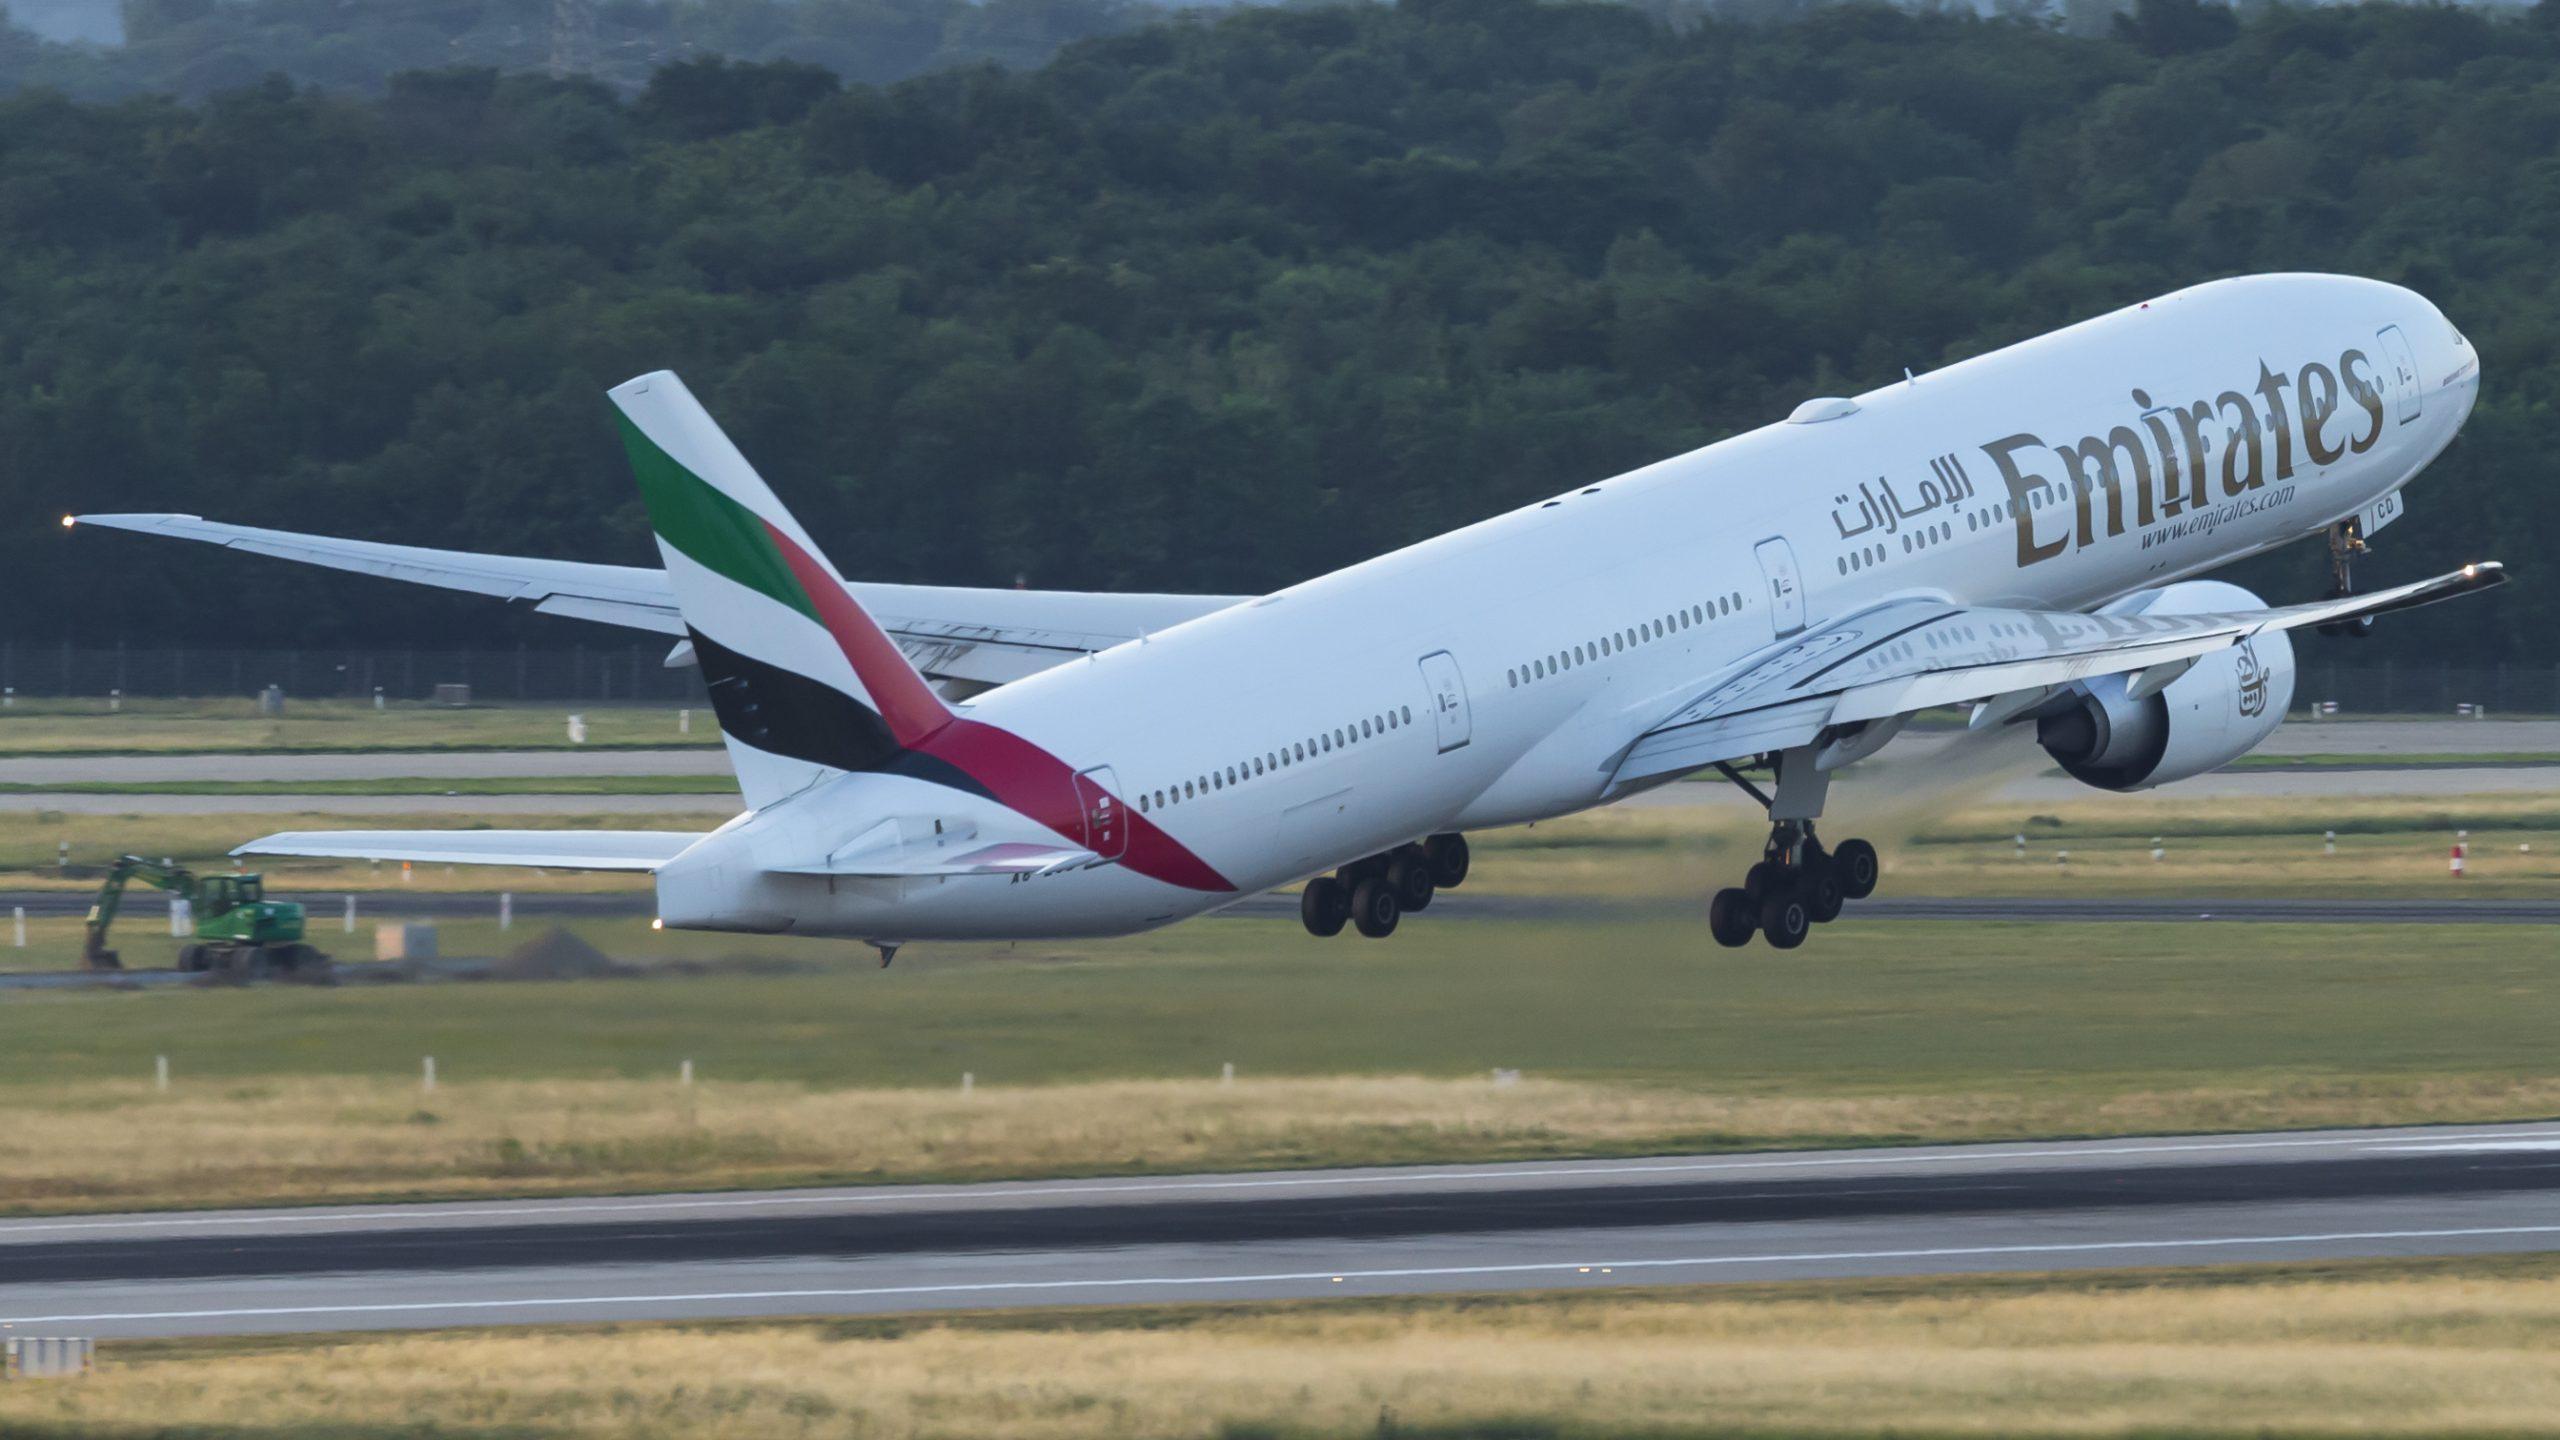 En Boeing 777-300ER fra Emirates. Foto: © Thorbjørn Brunander Sund, Danish Aviation Photo